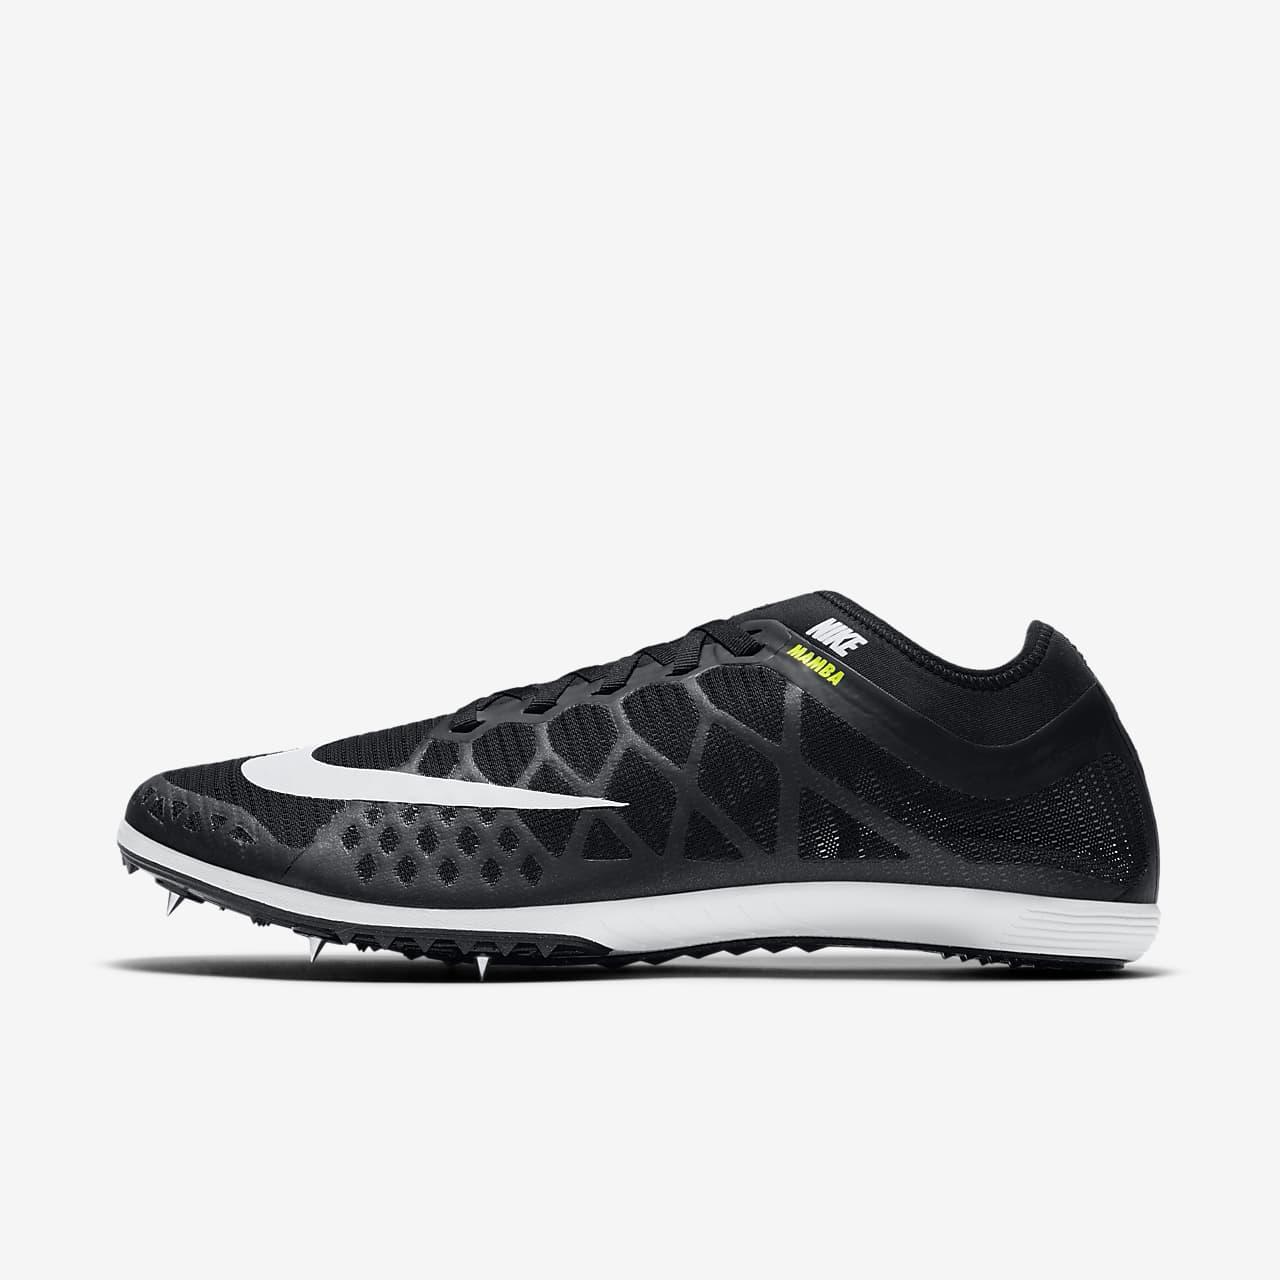 Шиповки унисекс для бега на средние дистанции Nike Zoom Mamba 3